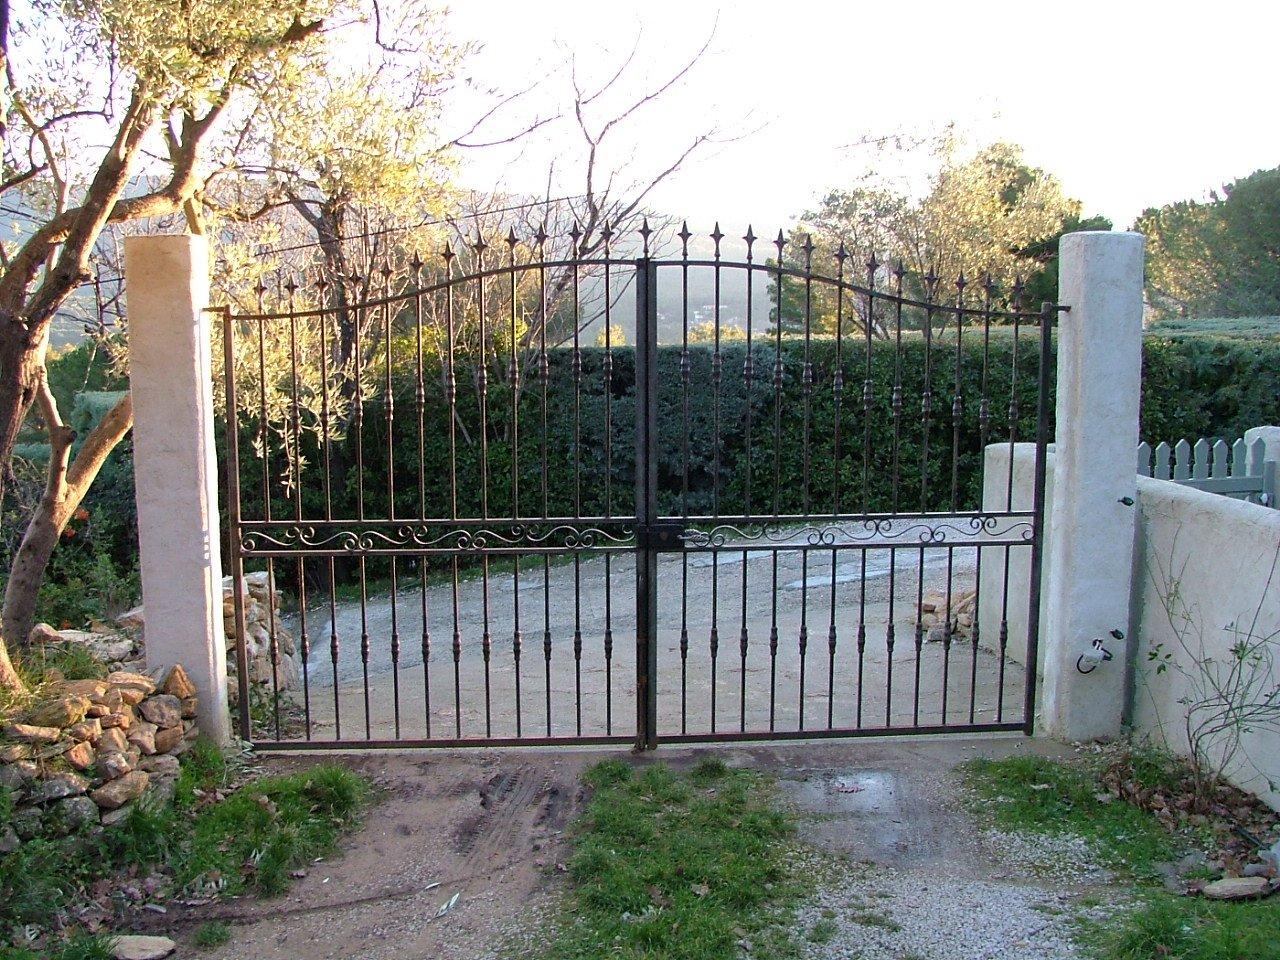 D caper un portail en fer des photoa des photoa de fond - Comment decaper un portail en fer ...